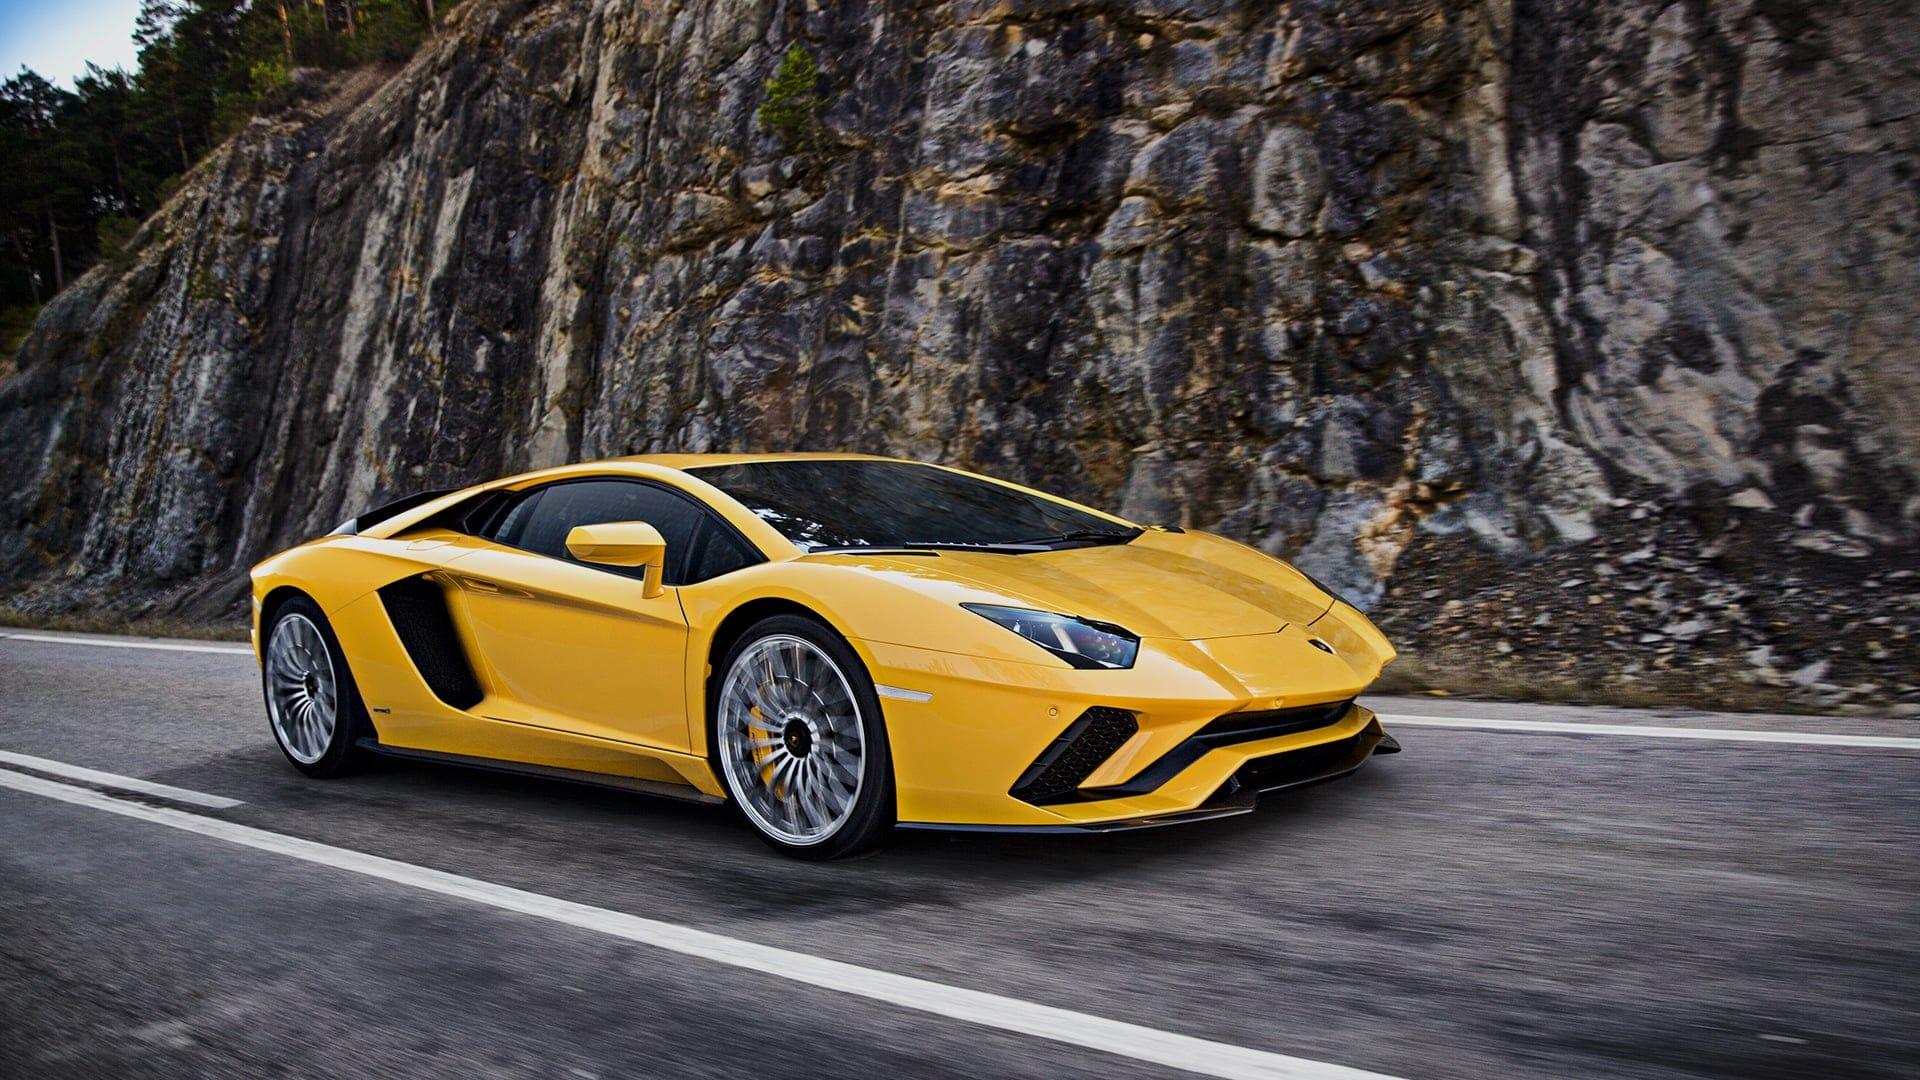 El Lamborghini Aventador S aparece cargado de emoción, prestaciones y comportamiento situando a este deportivo en la cúpula de los mejores deportivos.